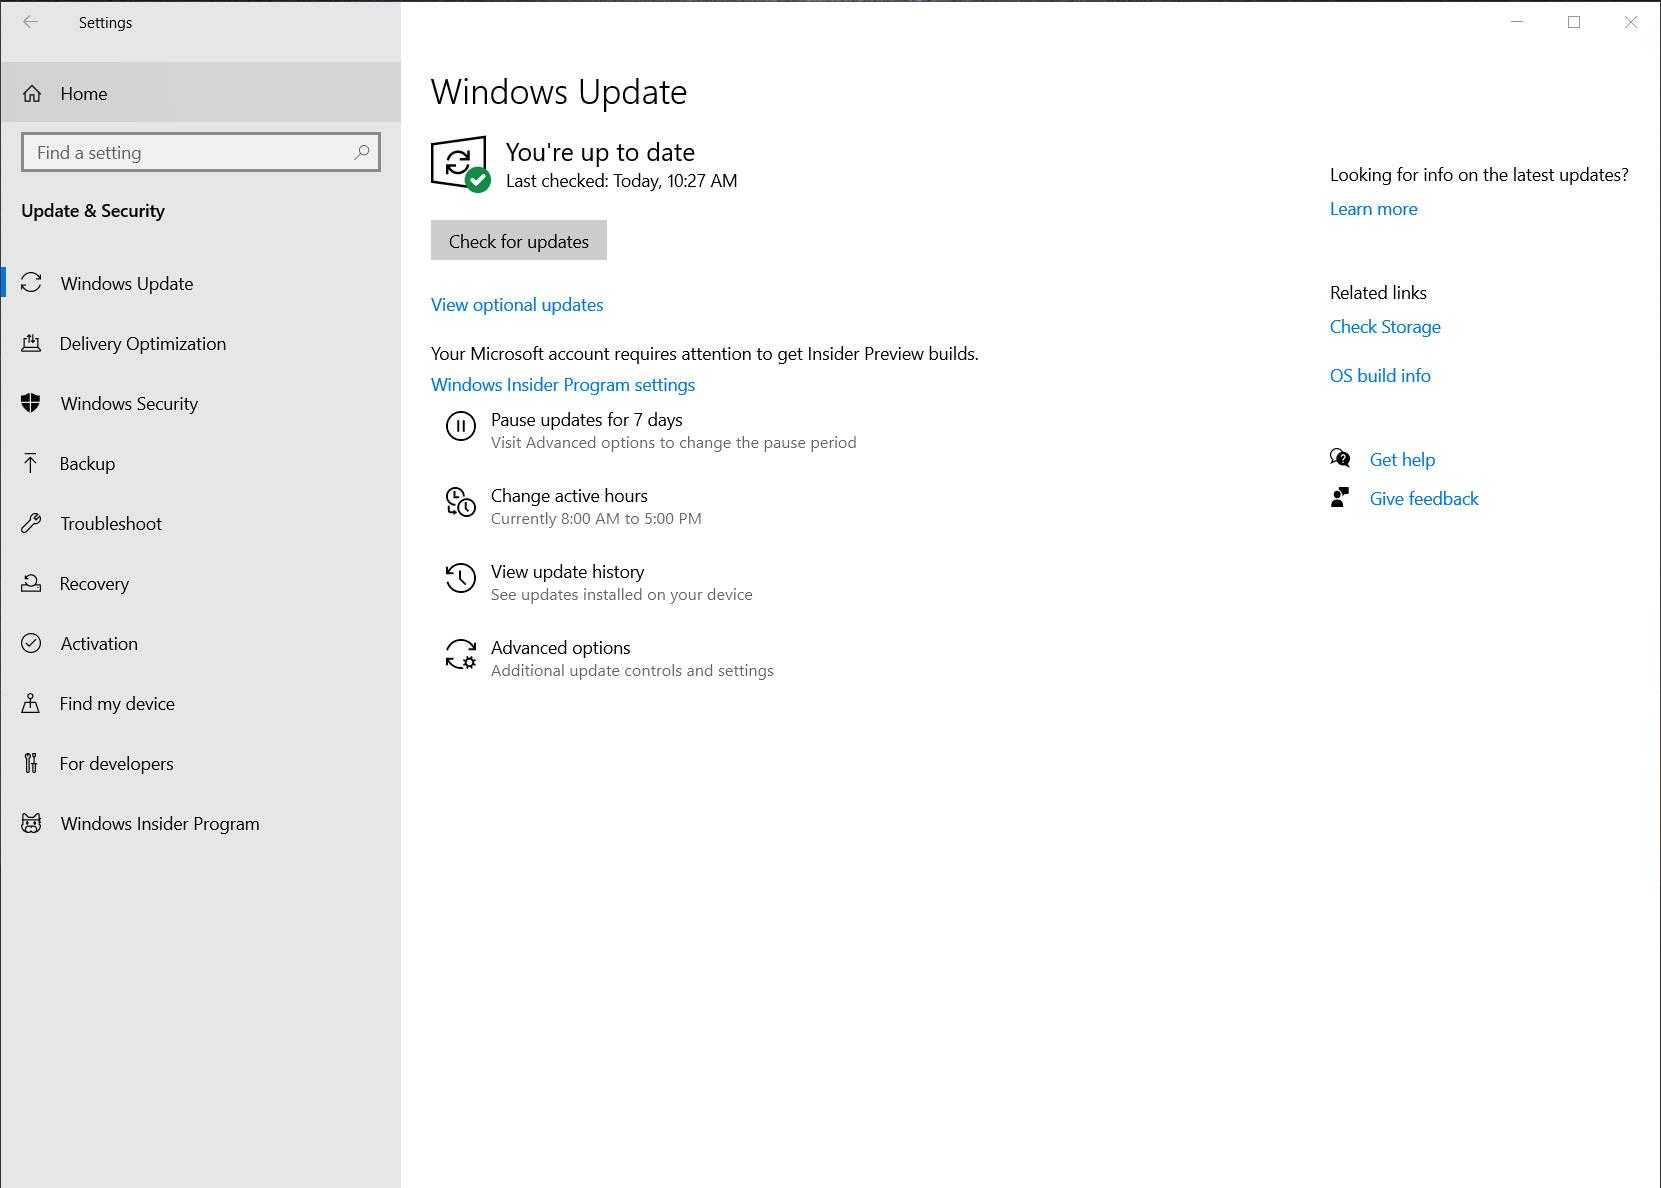 Windows 10 2004 opcjonalne aktualizacje sterowniki